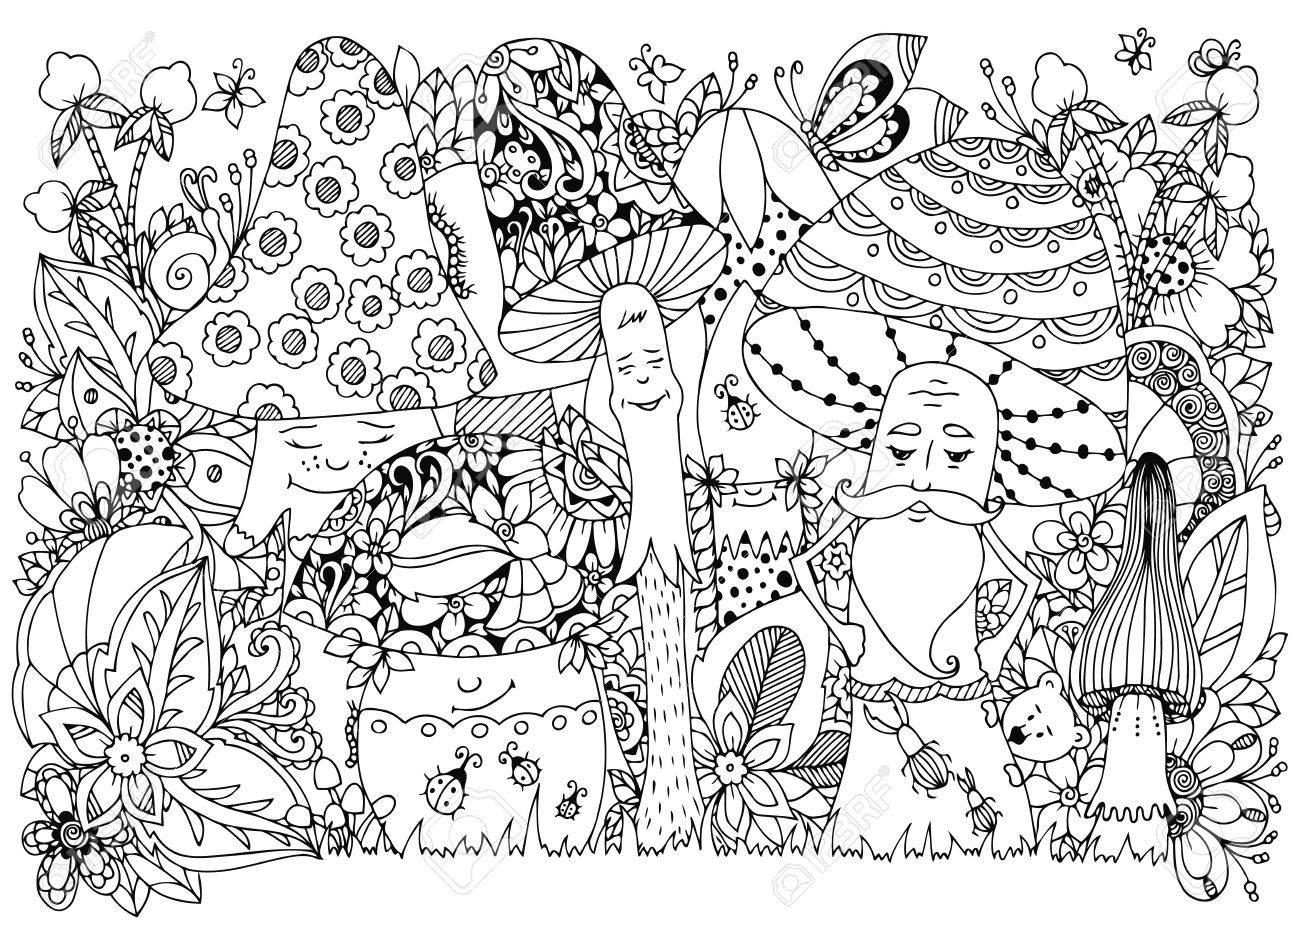 Coloriage Adulte Foret.Vector Illustration Zen Tangle De Champignons Dans La Foret Cartoon Griffonnage Floral Coloriage Livre Anti Stress Pour Les Adultes Noir Et